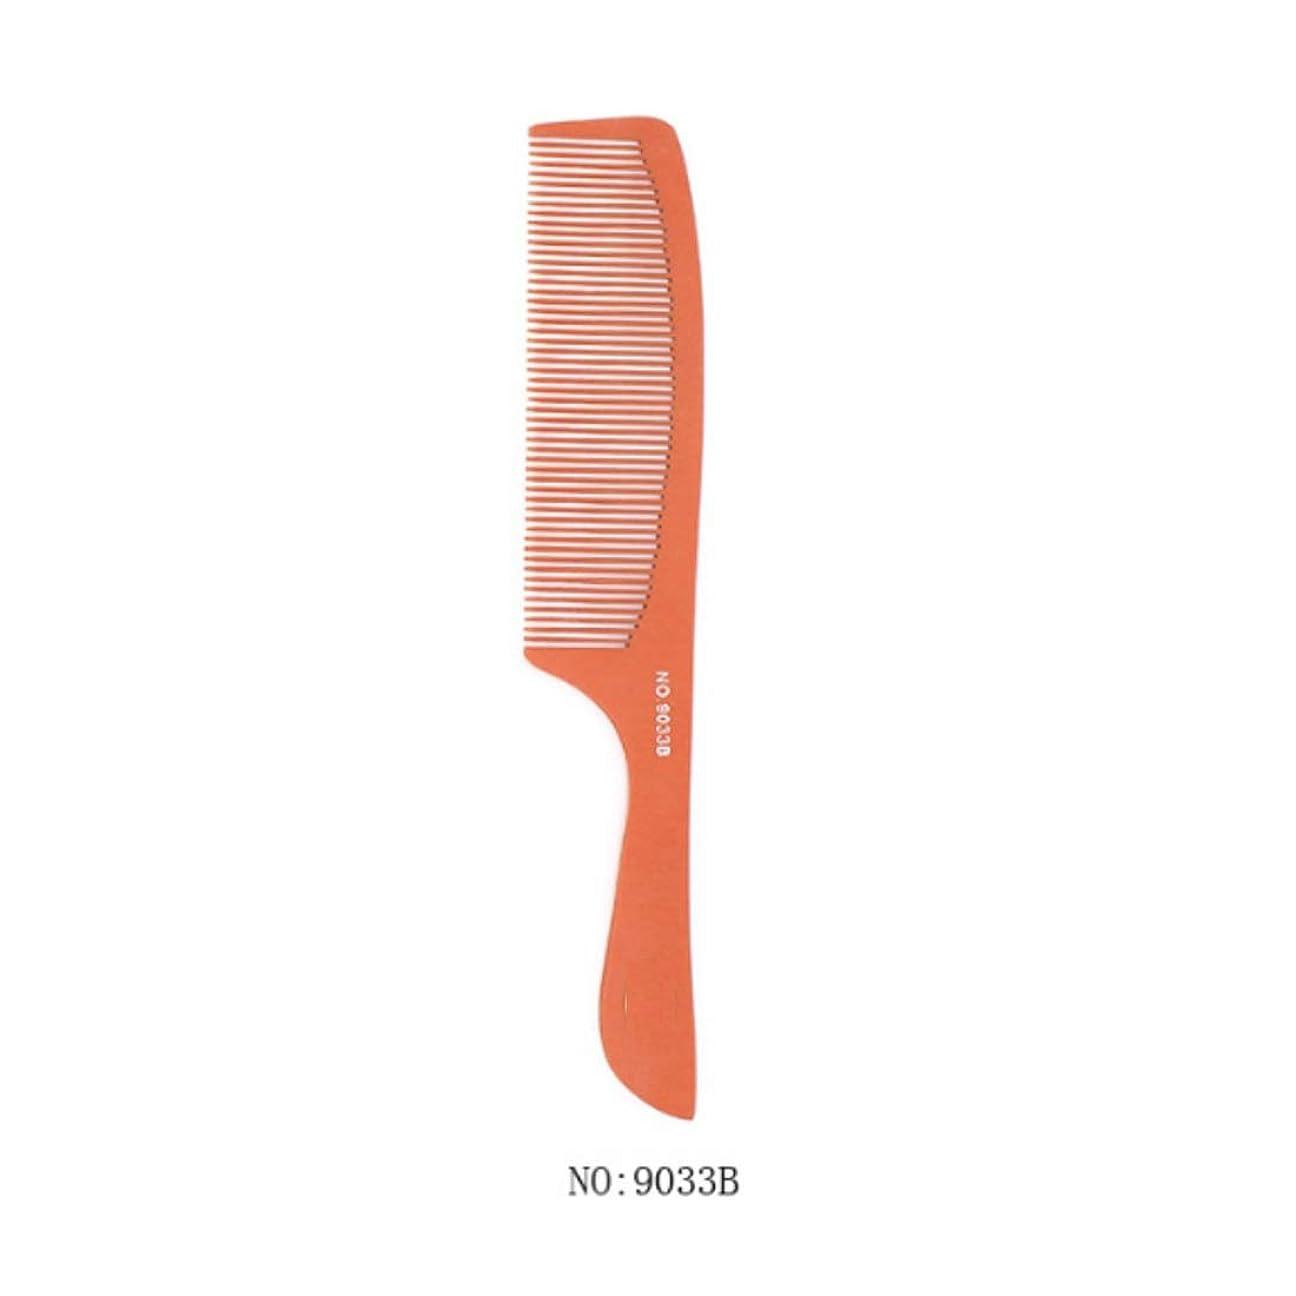 ペレグリネーションシンカンアウター髭、頭髪、口ひげのための帯電防止の&Snagのハンドメイドのブラシ無しの木 - 毛の櫛の家族 モデリングツール (Design : 9033B)